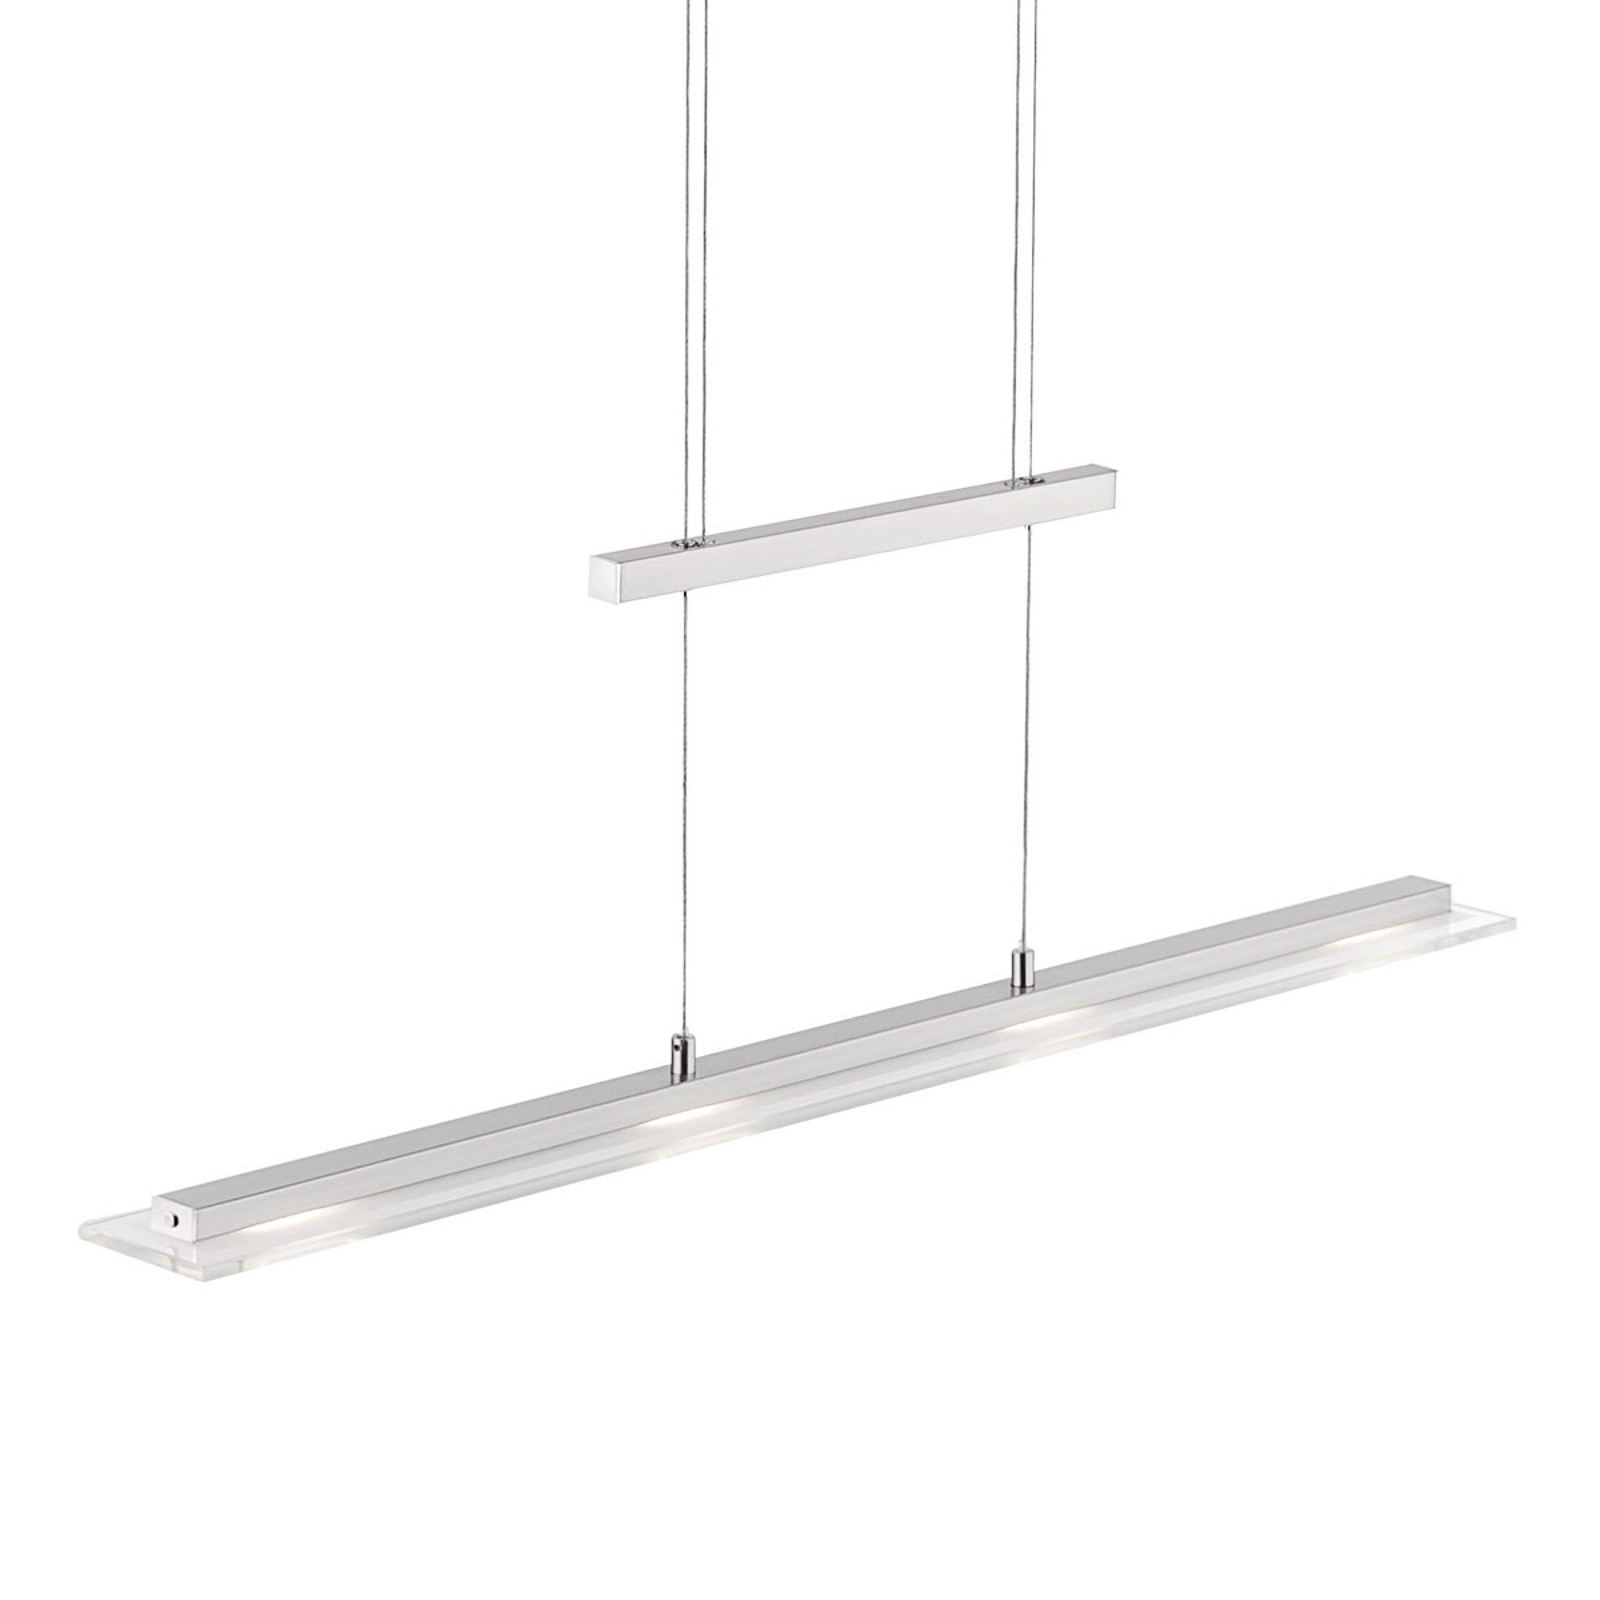 Lampada a sospensione LED Tenso dimmer nichel 64cm